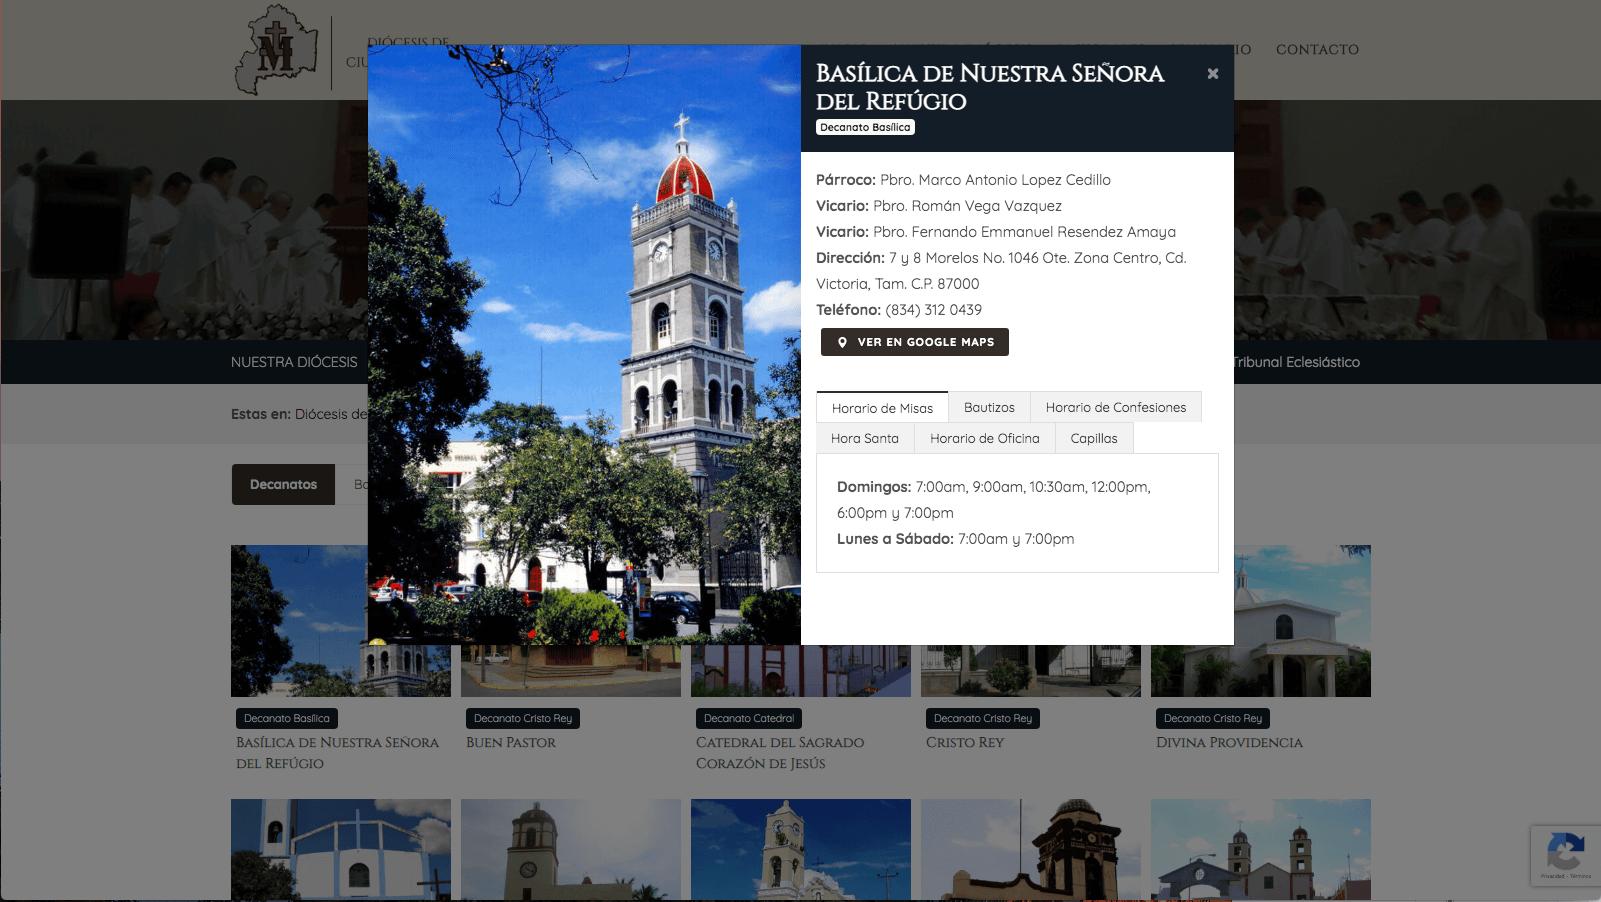 Diocesis de Victoria - Información Parroqiua